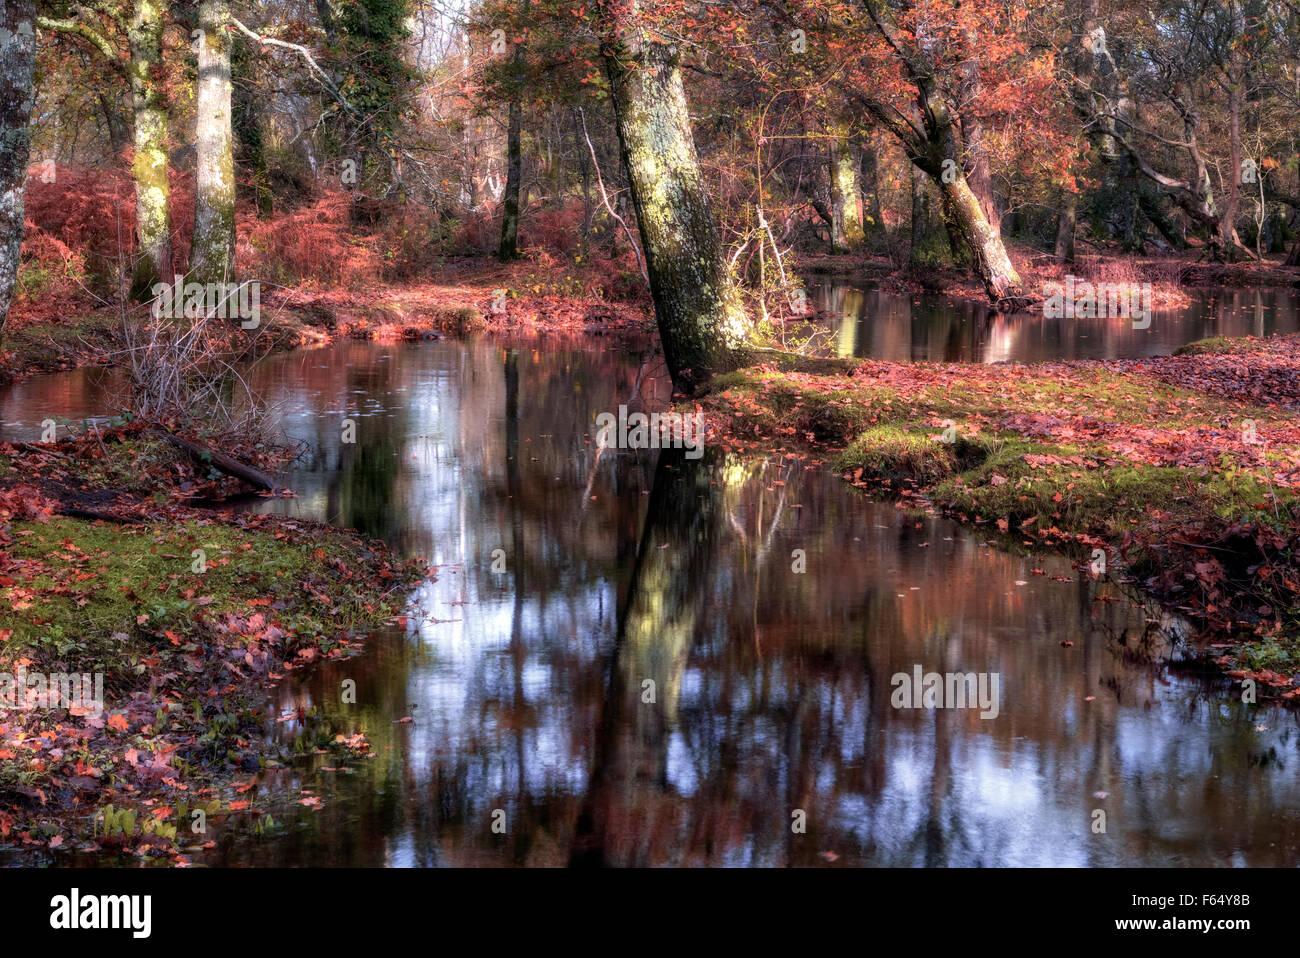 New Forest, Brockenhurst, Hampshire, England, UK Stock Photo